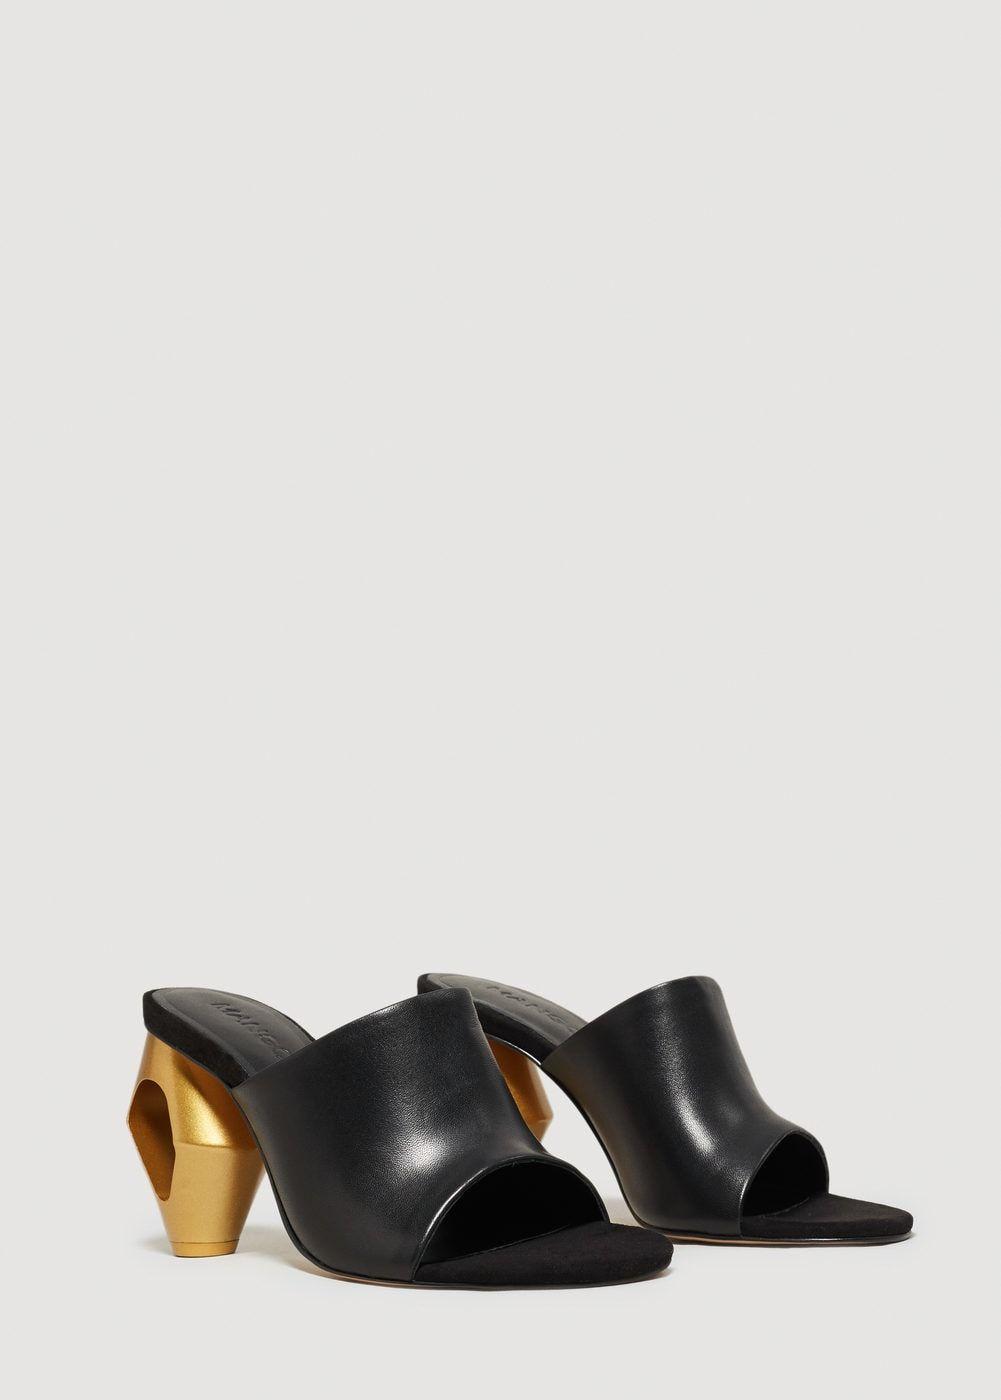 GANT ZOE Mule de Tacón Medio de Piel  Zapatillas para Mujer WZjDHdCBrc